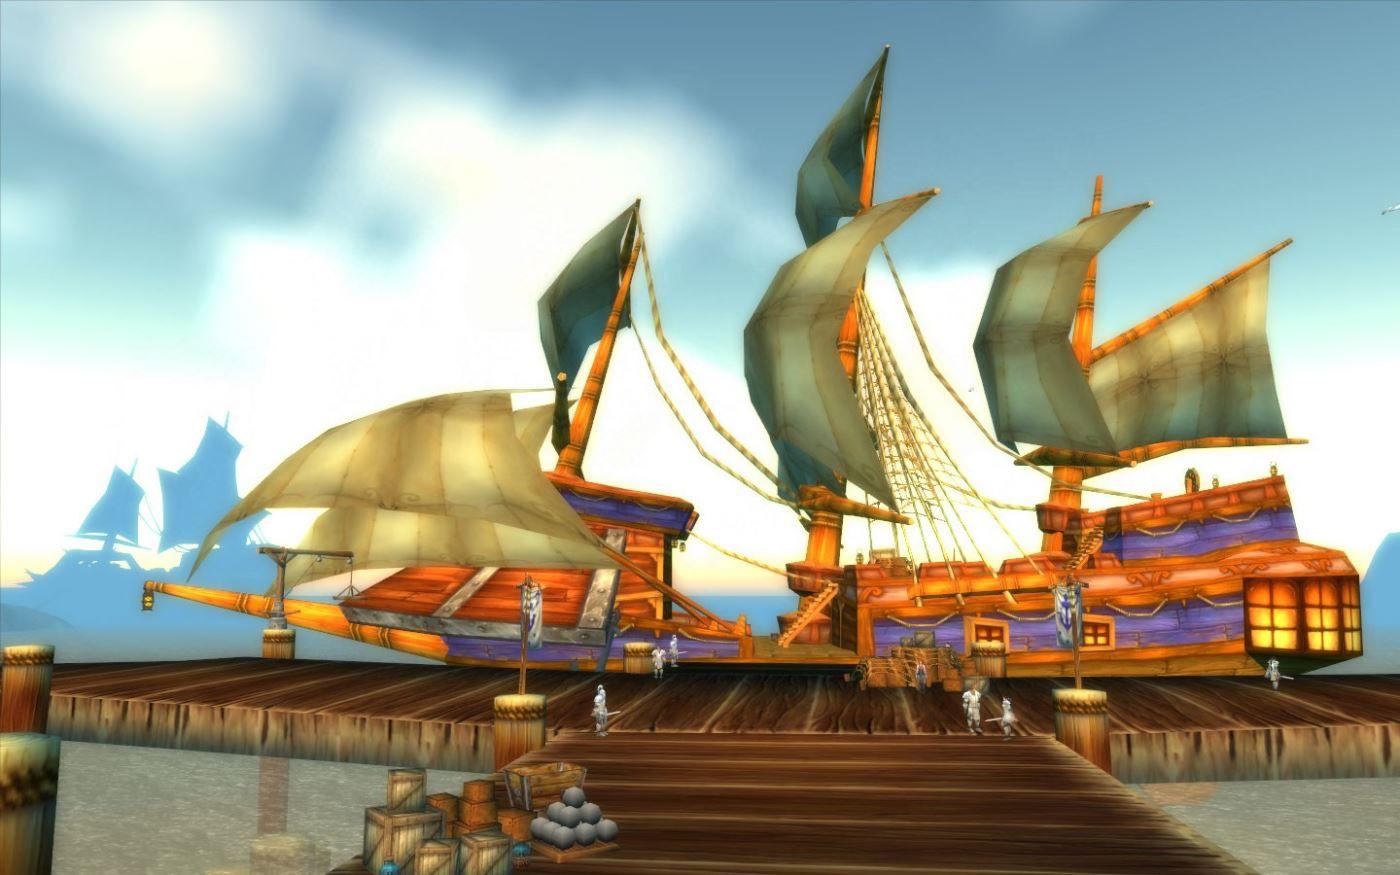 World of Warcraft: Schiffe-Versenken als Browser-und-Garnisons-Spiel 2.0